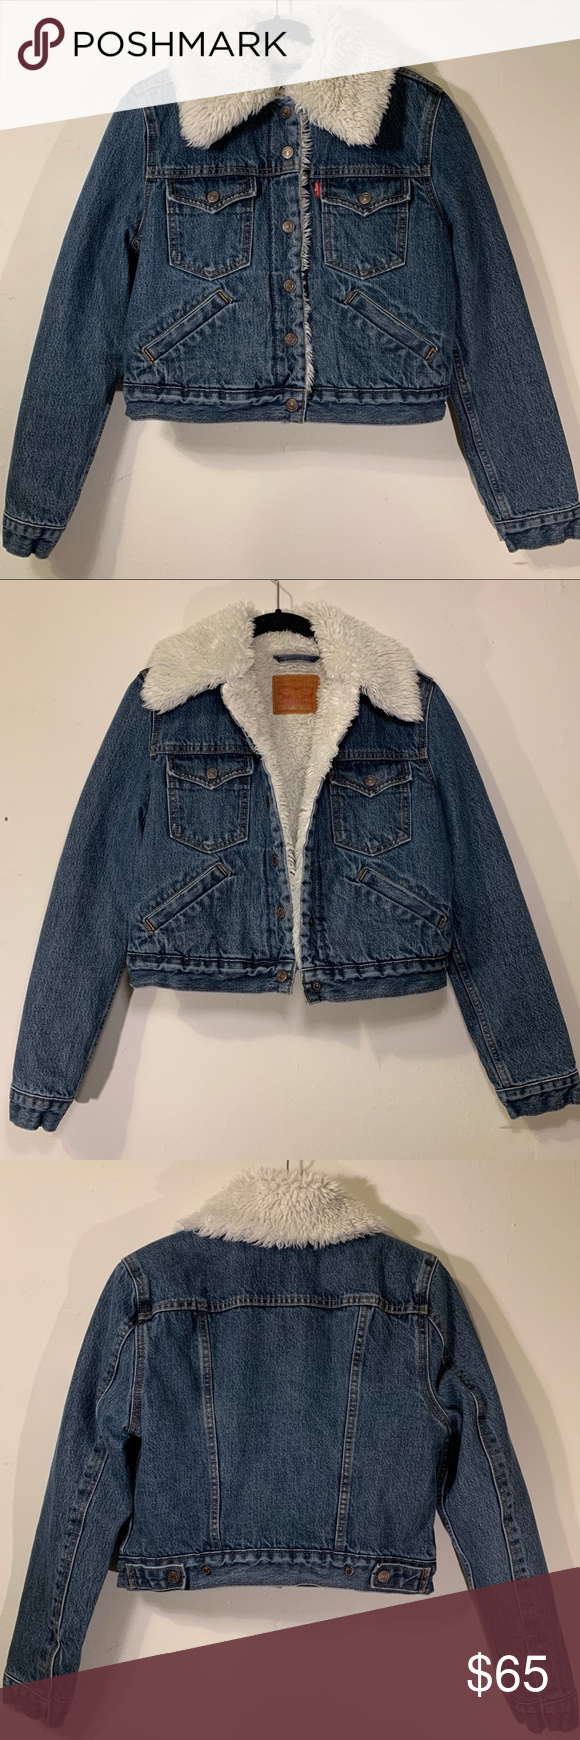 Women S Levi S Sherpa Warm Denim Jean Jacket Small Women S Levi S Sherpa Warm Heavy Cropped Jean Jacket Size Wo Denim Jean Jacket Jean Jacket Crop Jean Jacket [ 1740 x 580 Pixel ]